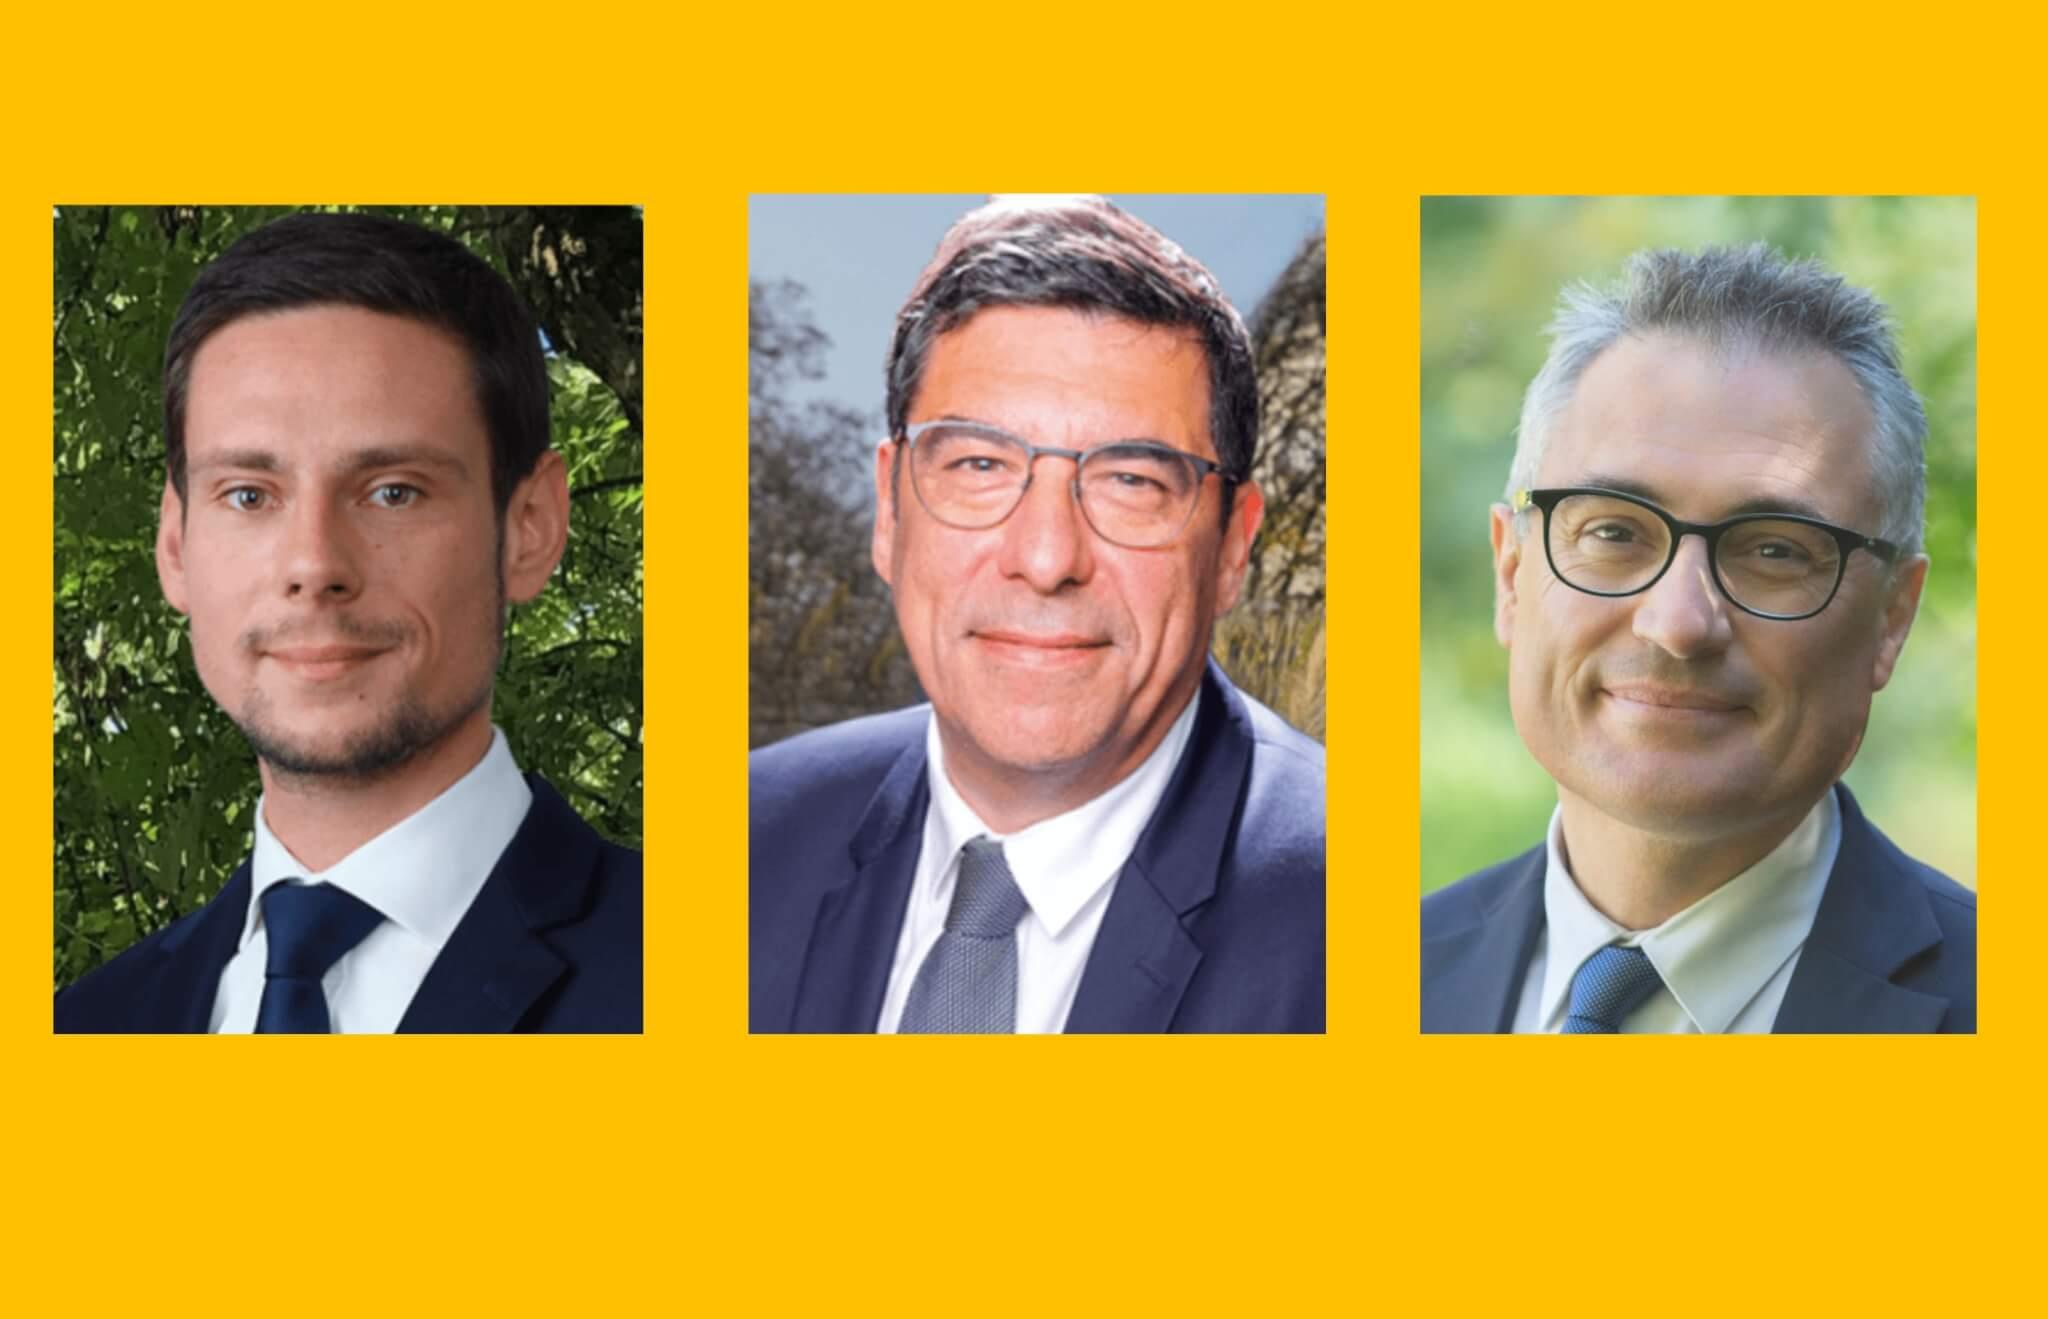 Municipales 2020 à Bry-sur-Marne: candidats, contexte, attentes des citoyens